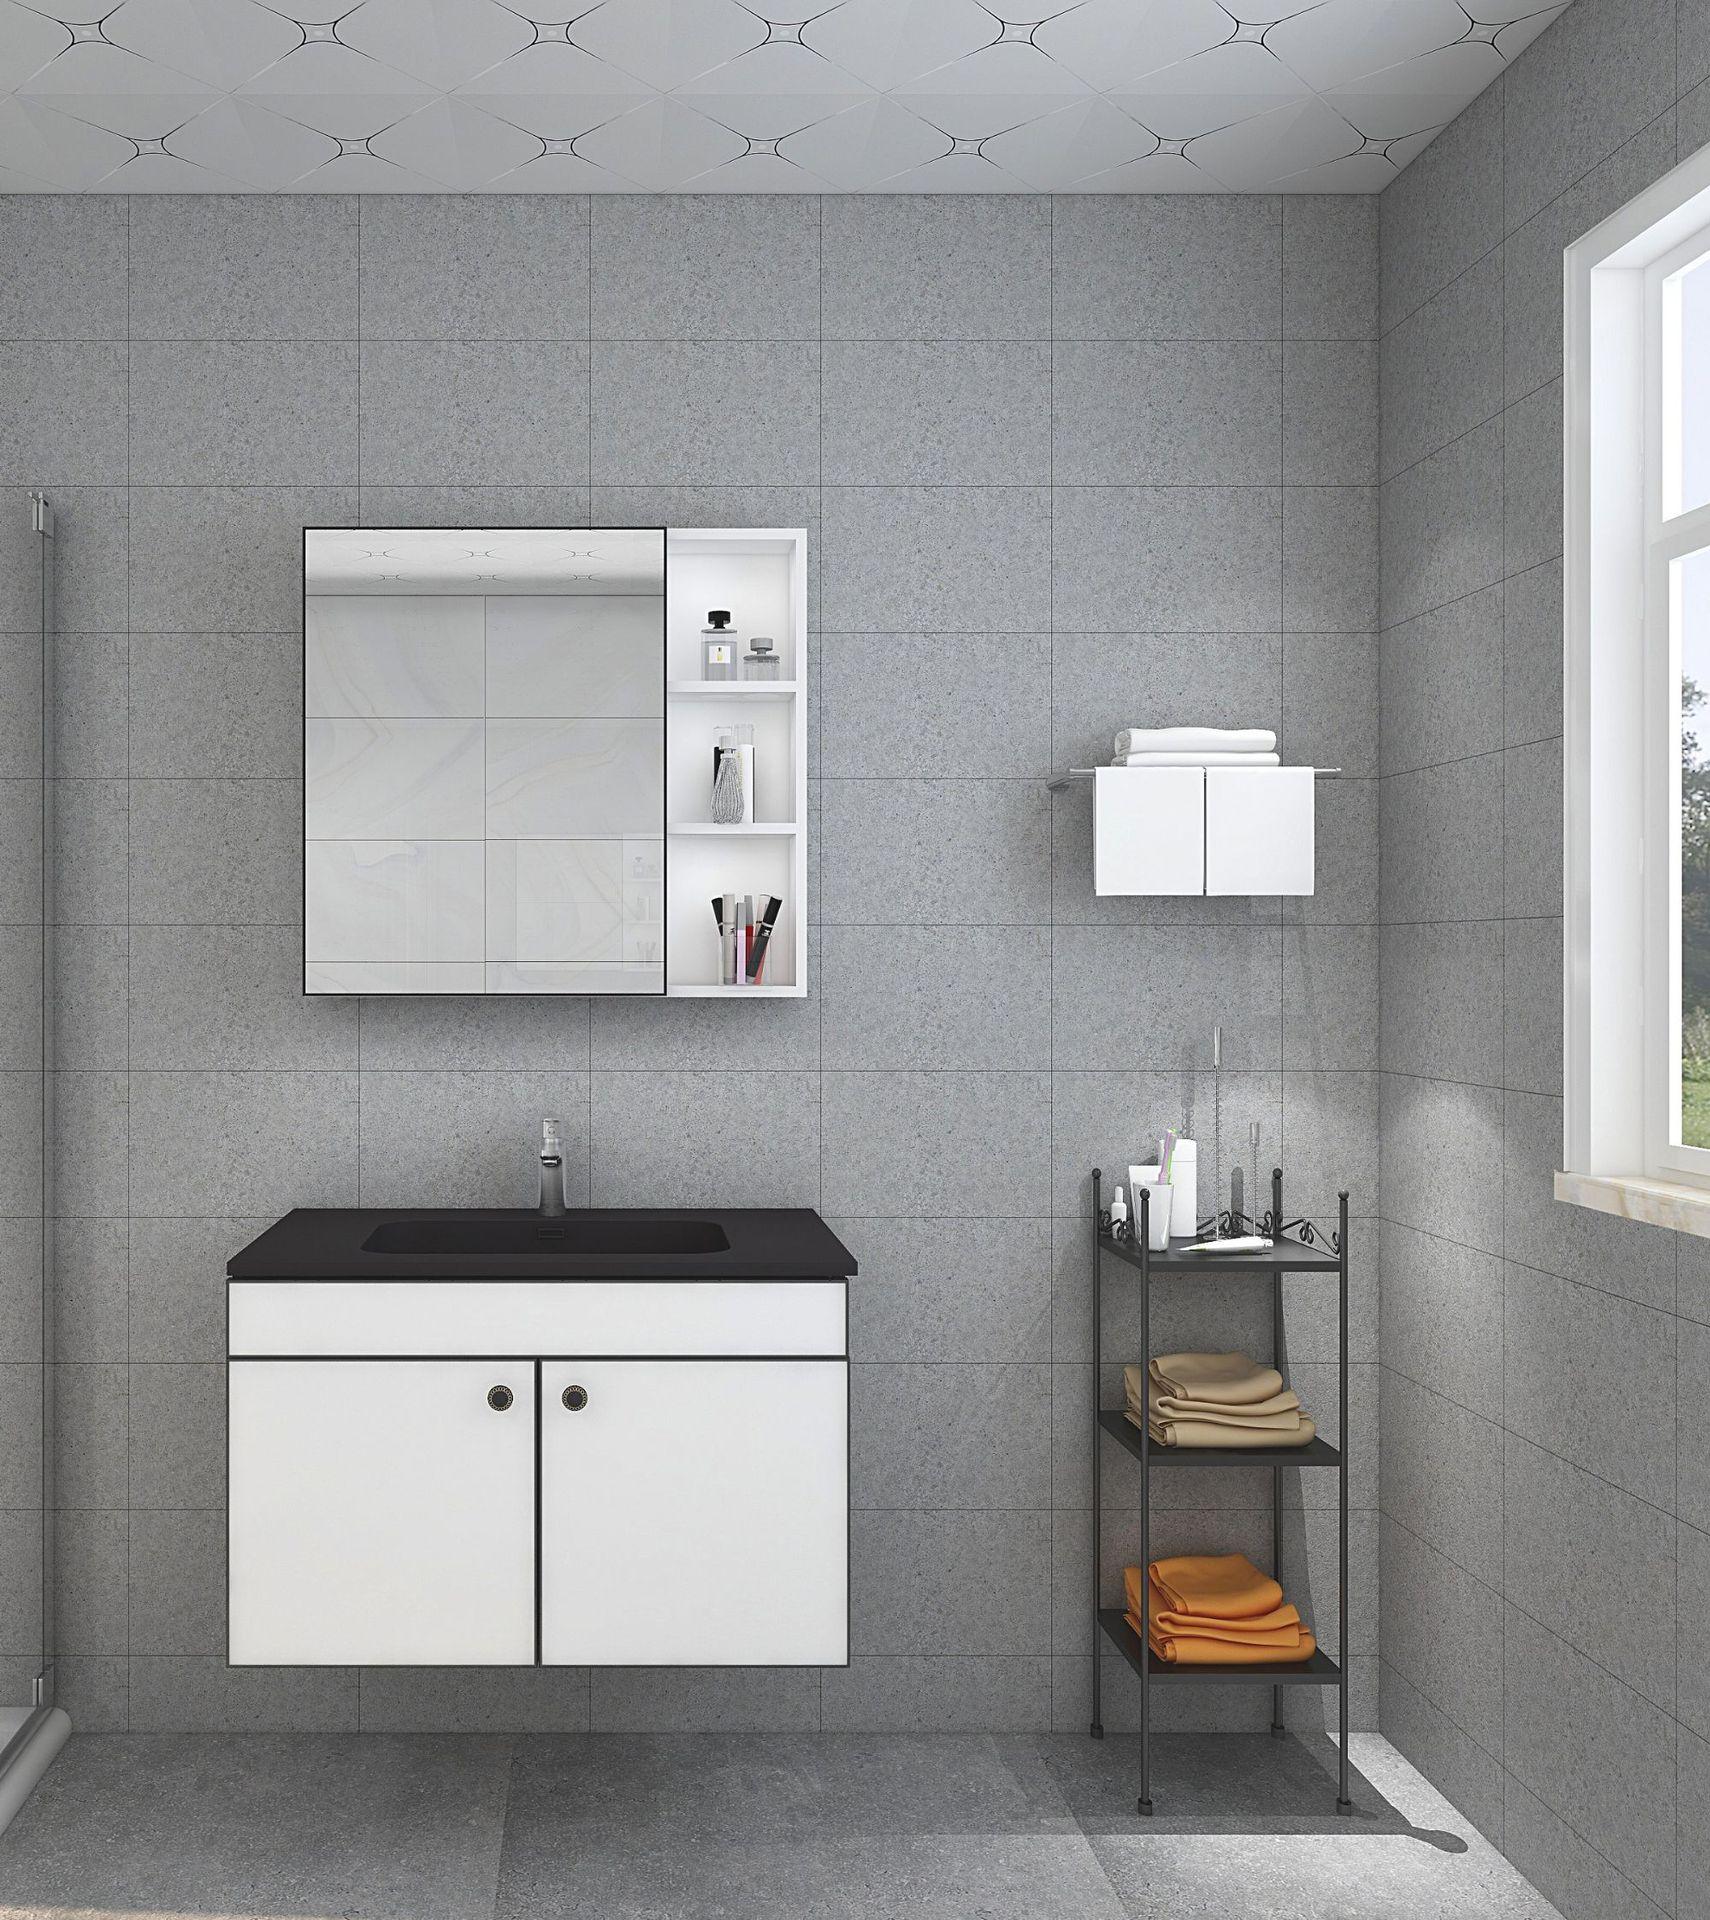 BAOJIALI Tủ phòng tắm Nhà máy tùy chỉnh nhôm phòng tắm tủ giặt tủ ban công